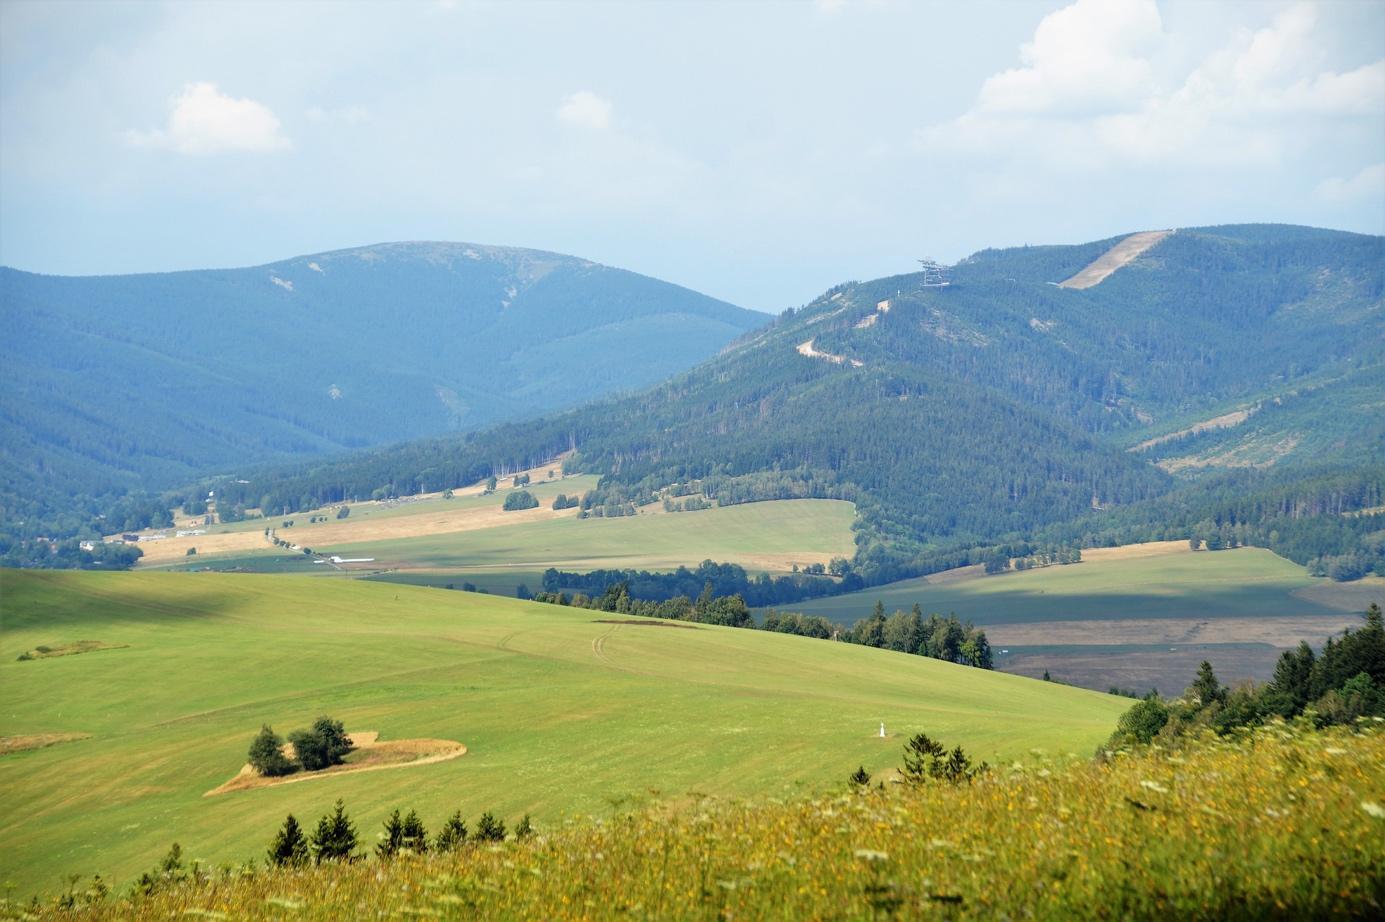 Obsah obrázku hora, tráva, exteriér, příroda  Popis byl vytvořen automaticky